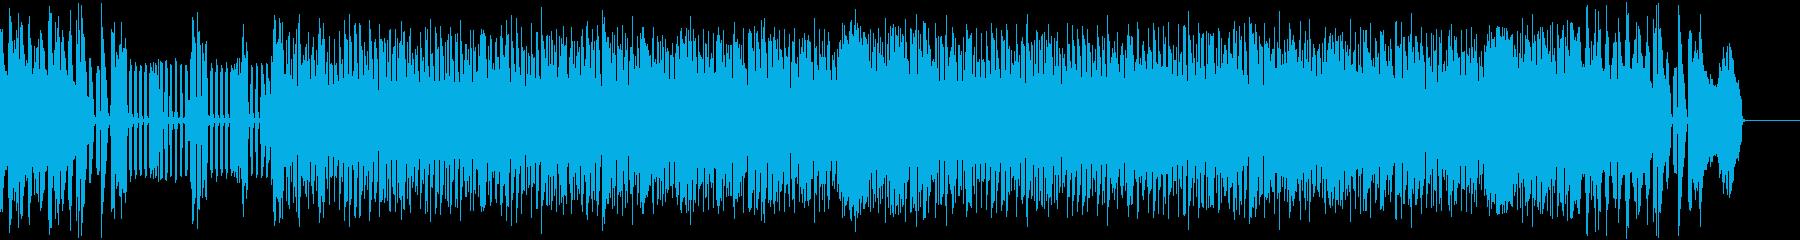 スカ/楽しい/コーナー/企画/OP/EDの再生済みの波形